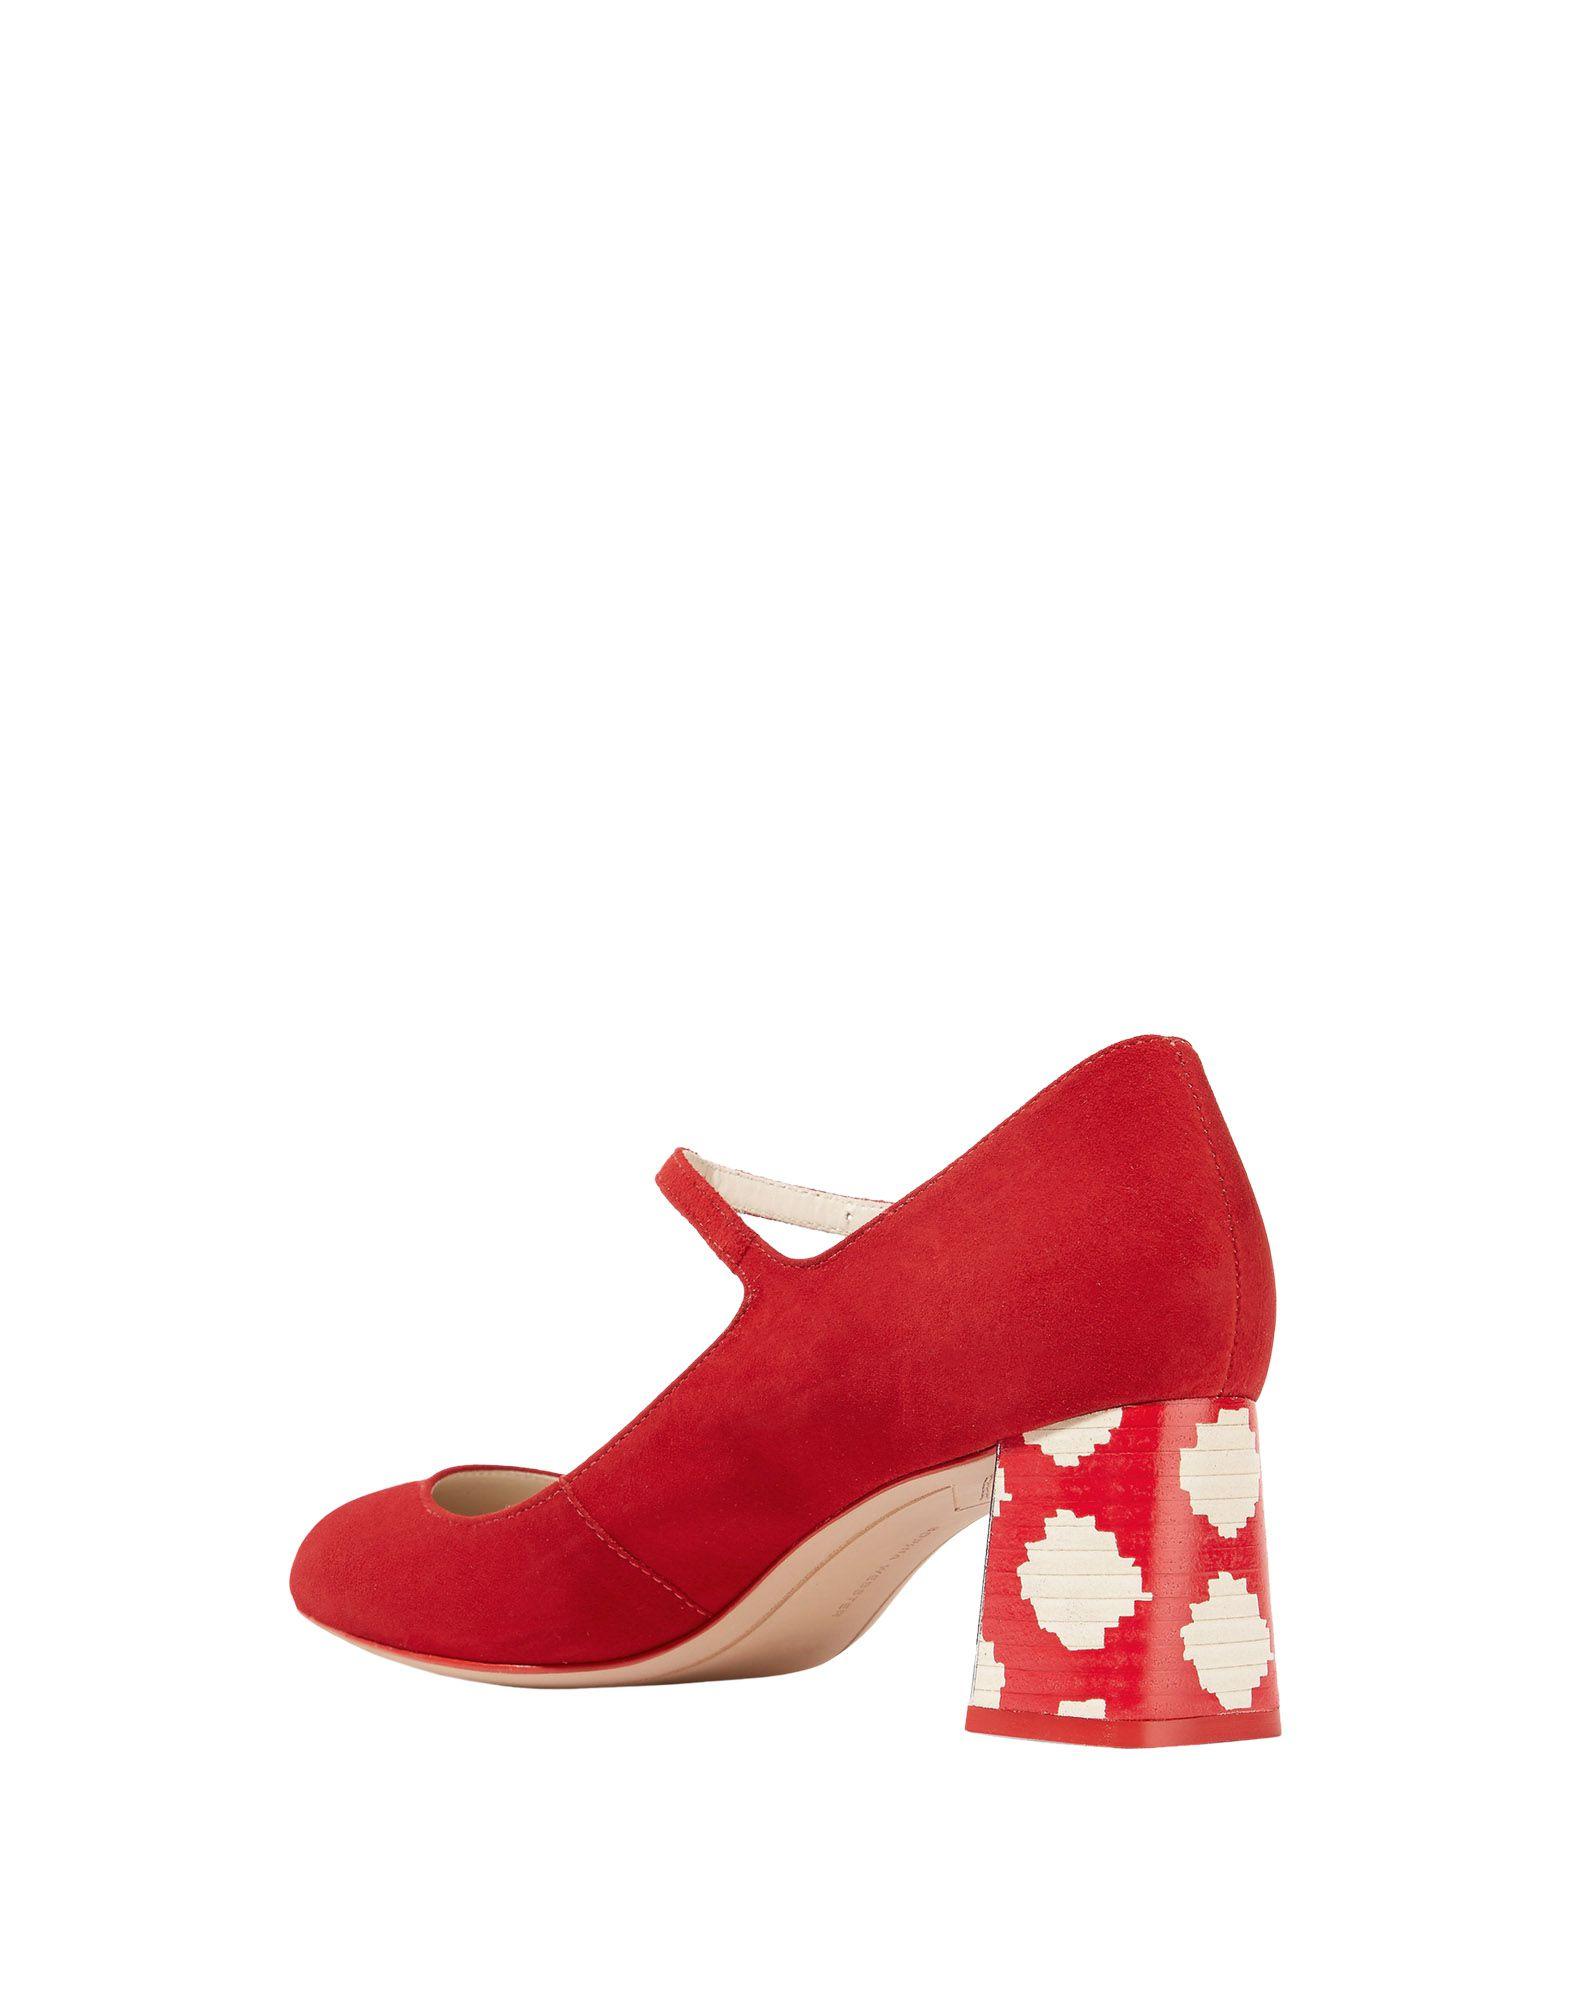 Rabatt Schuhe Sophia Webster Pumps 11515225UB Damen  11515225UB Pumps 755ca4